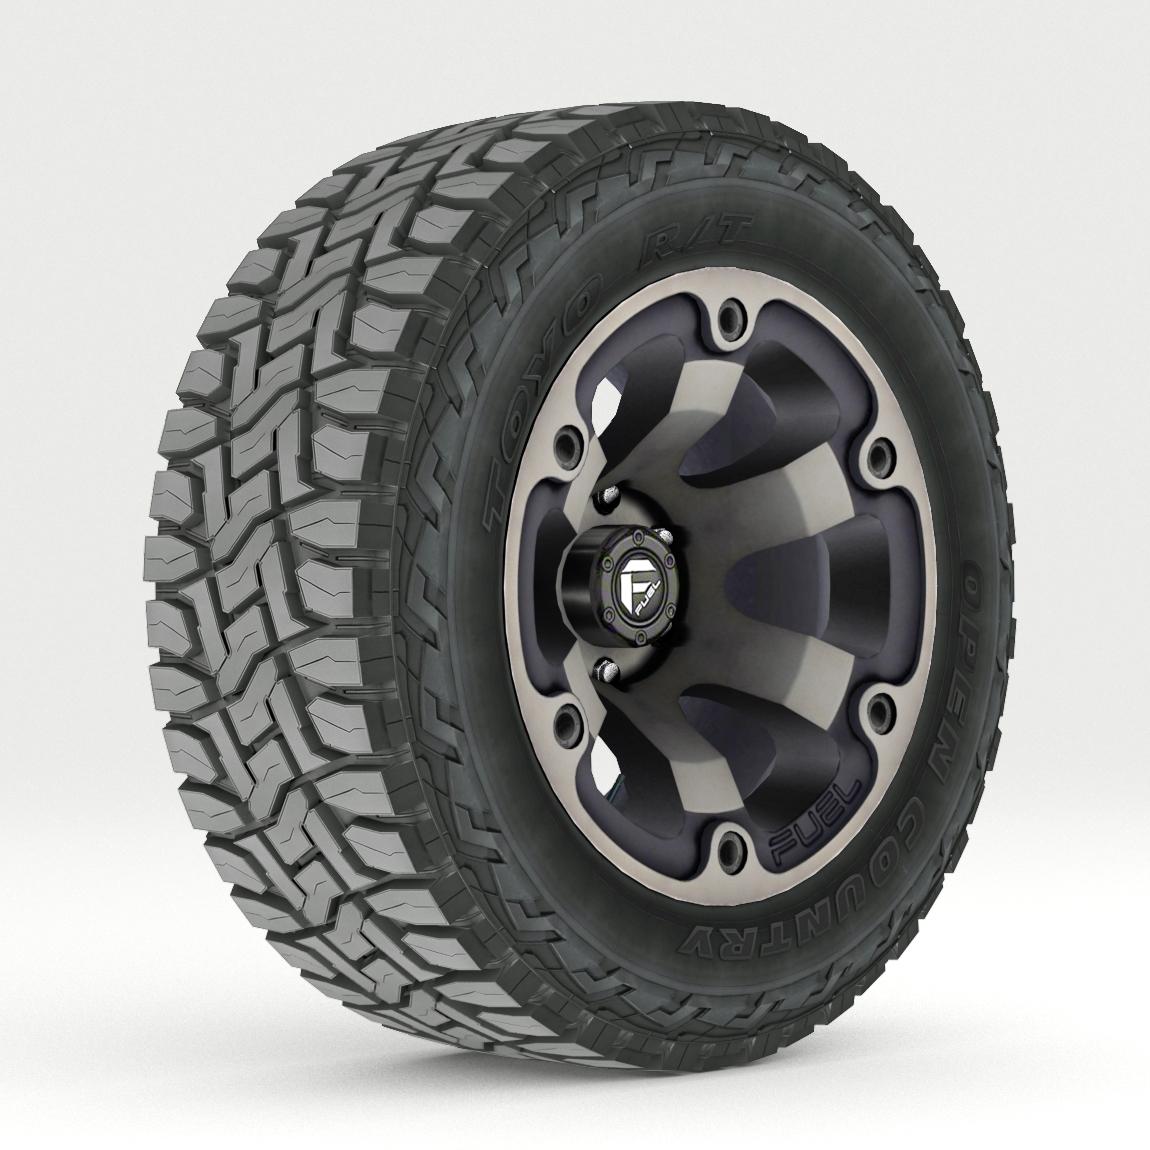 Off Road wheel and tire 2 3d model 3ds max fbx tga targa icb vda vst pix obj 224412